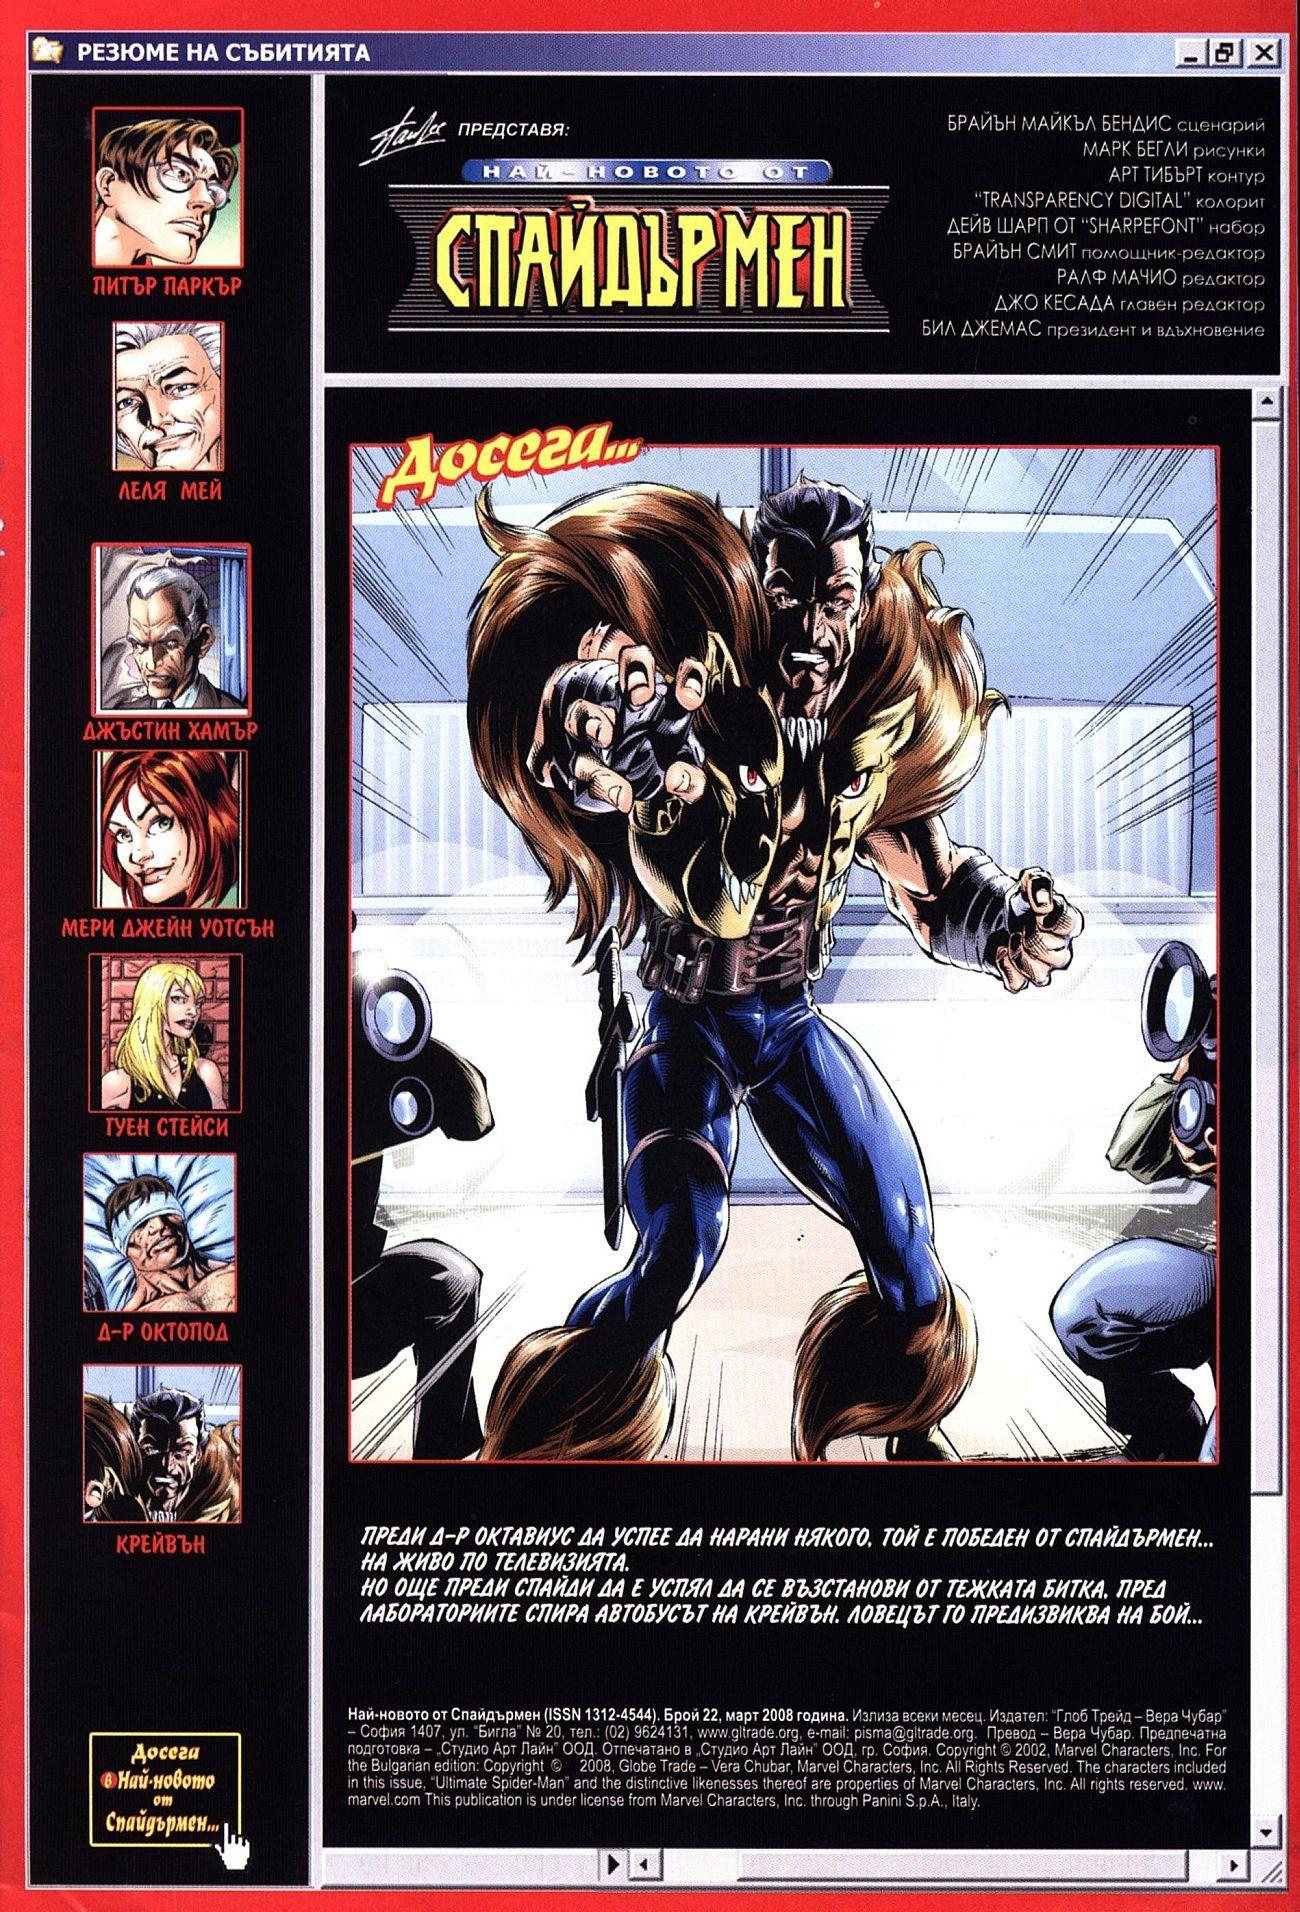 Най-новото от Спайдърмен (Брой 22 / Април 2008):  Преследван - 2